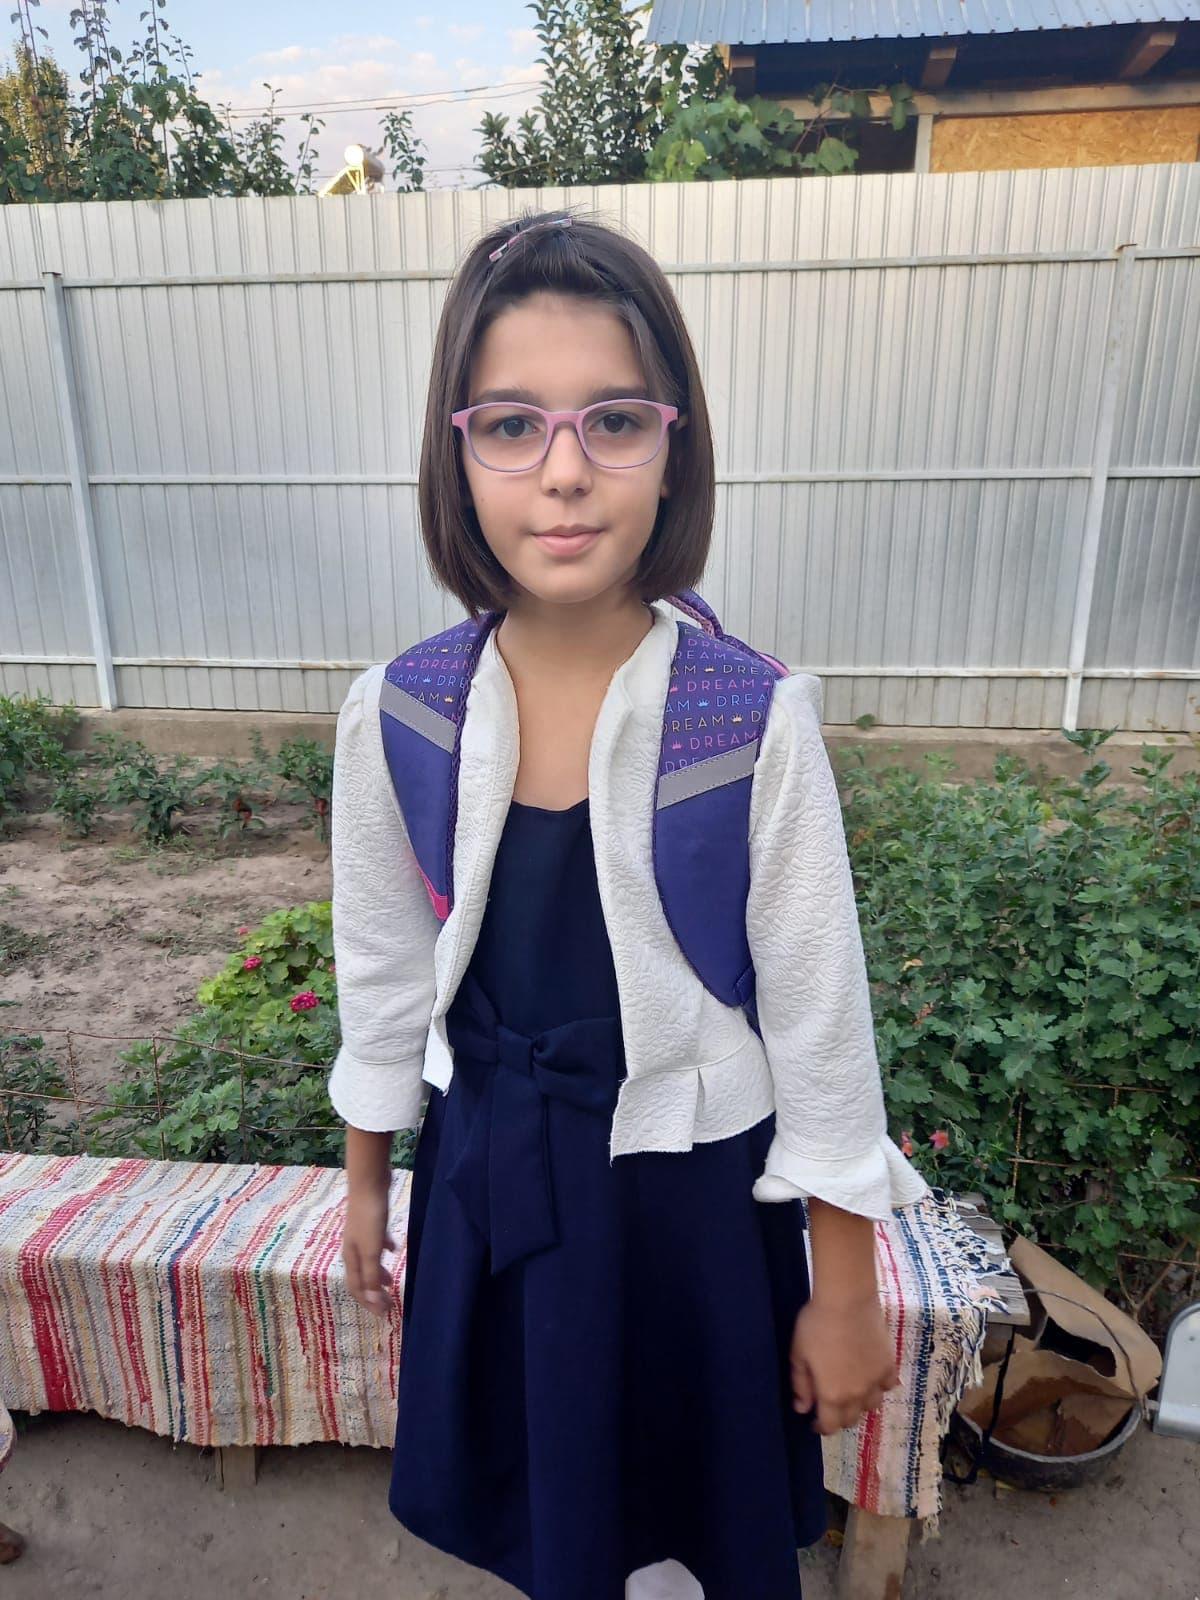 Update-28.09.2020-Mara, fetita premianta, a inceput scoala datorita voua, oameni dragi!